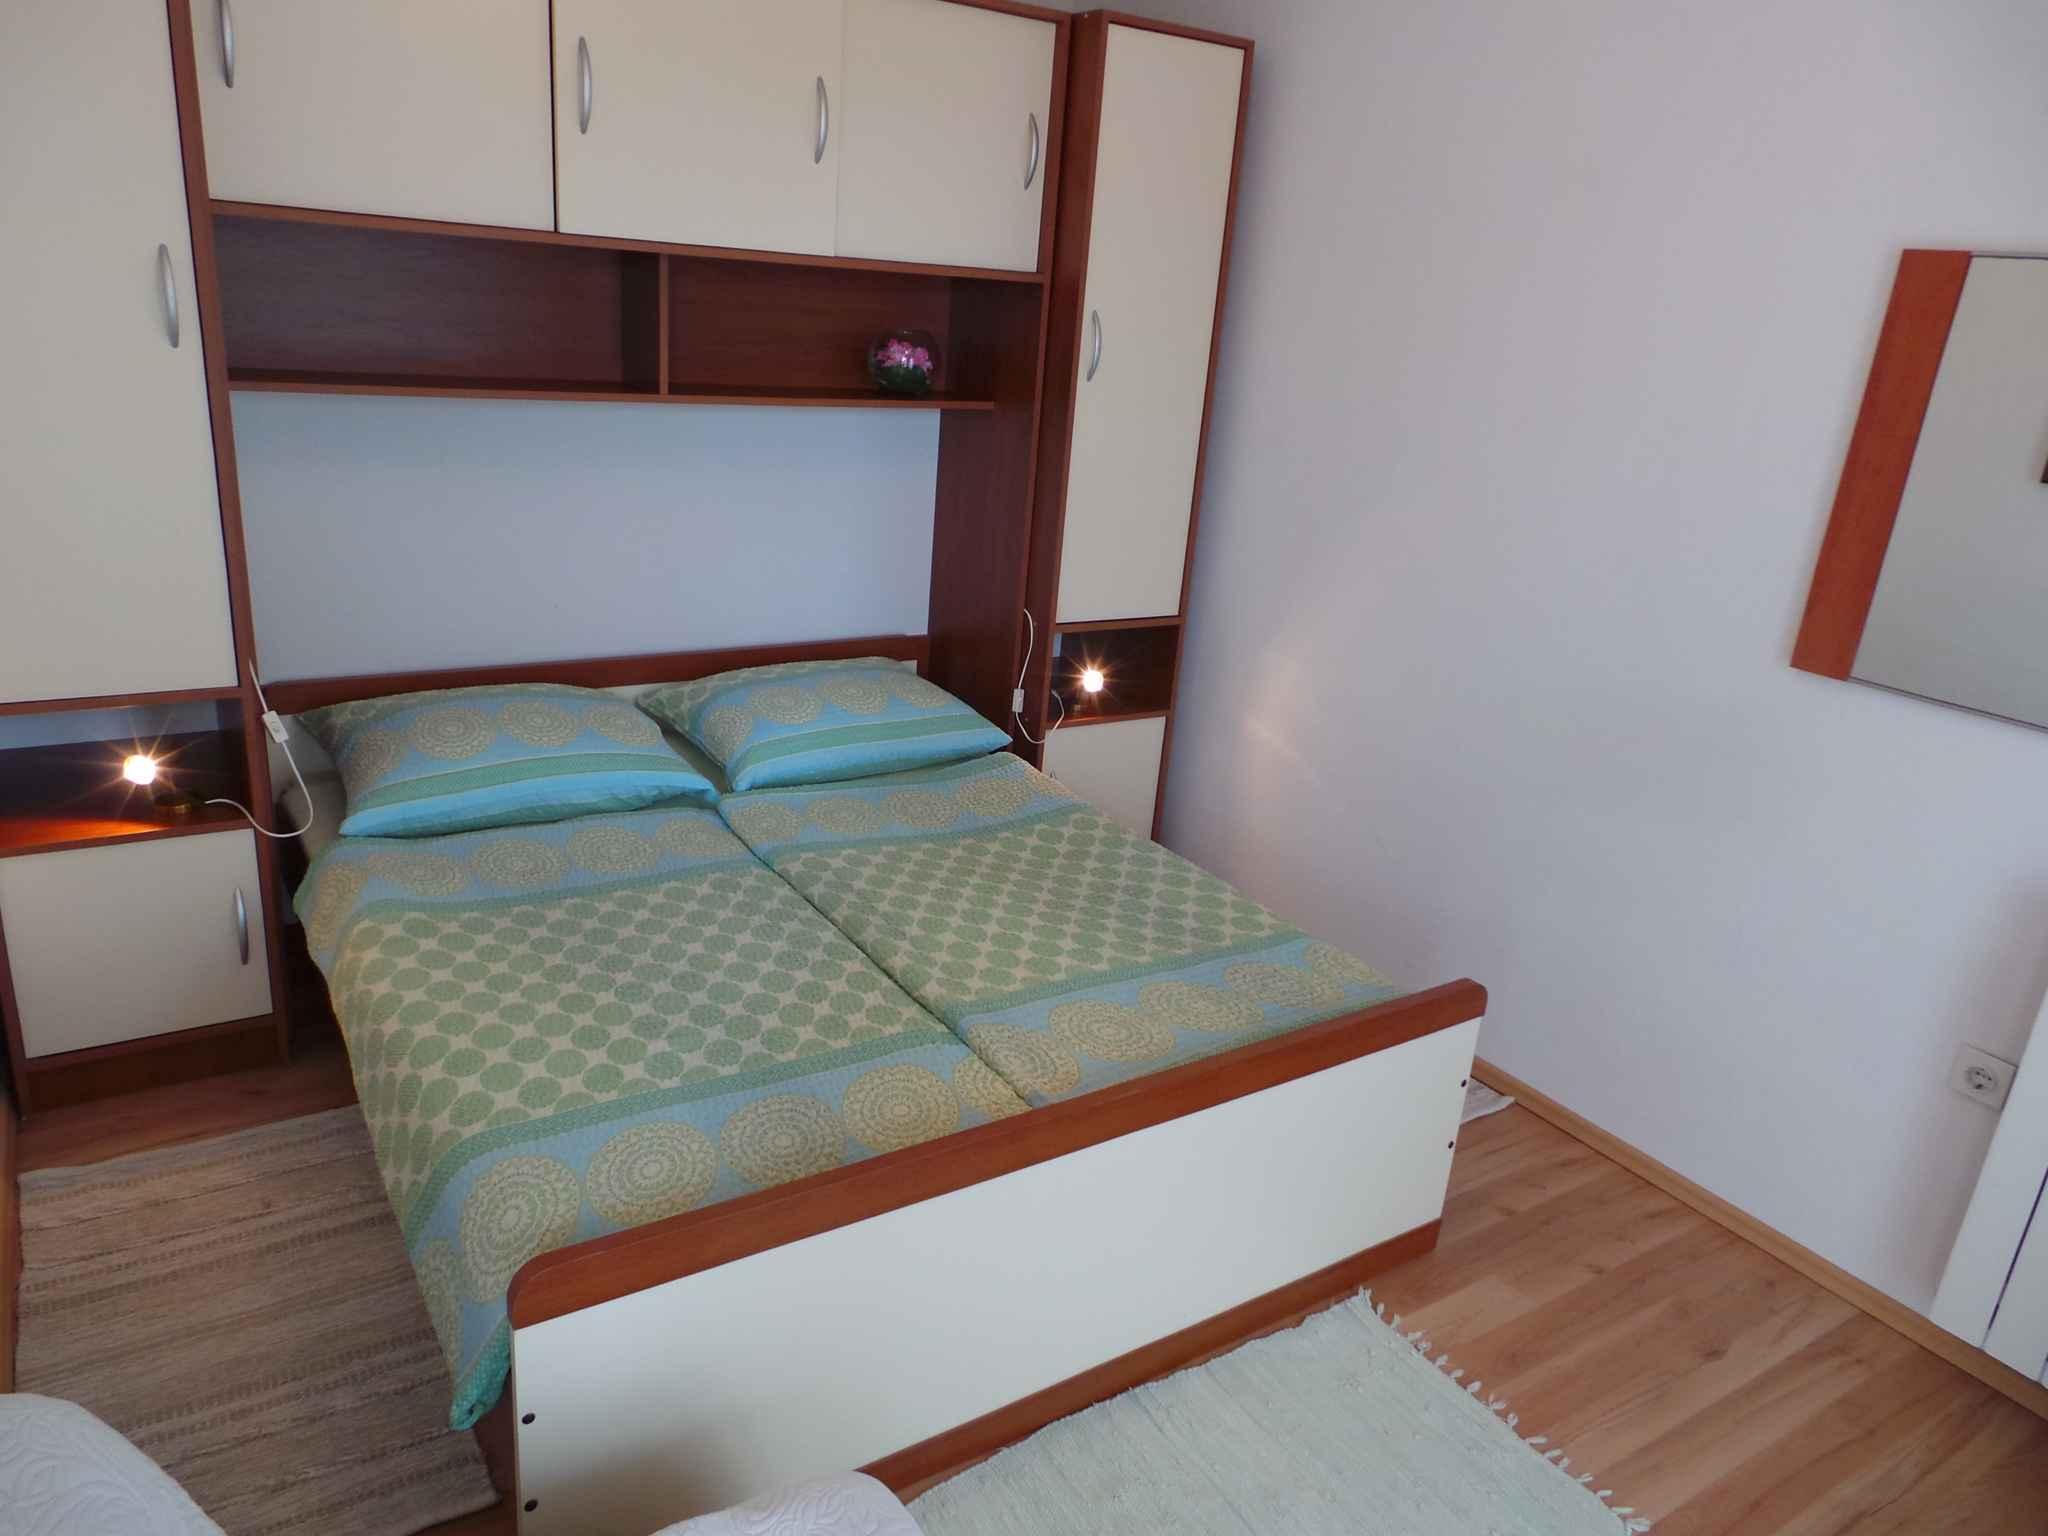 Ferienwohnung s balkonom (280342), Porec, , Istrien, Kroatien, Bild 19